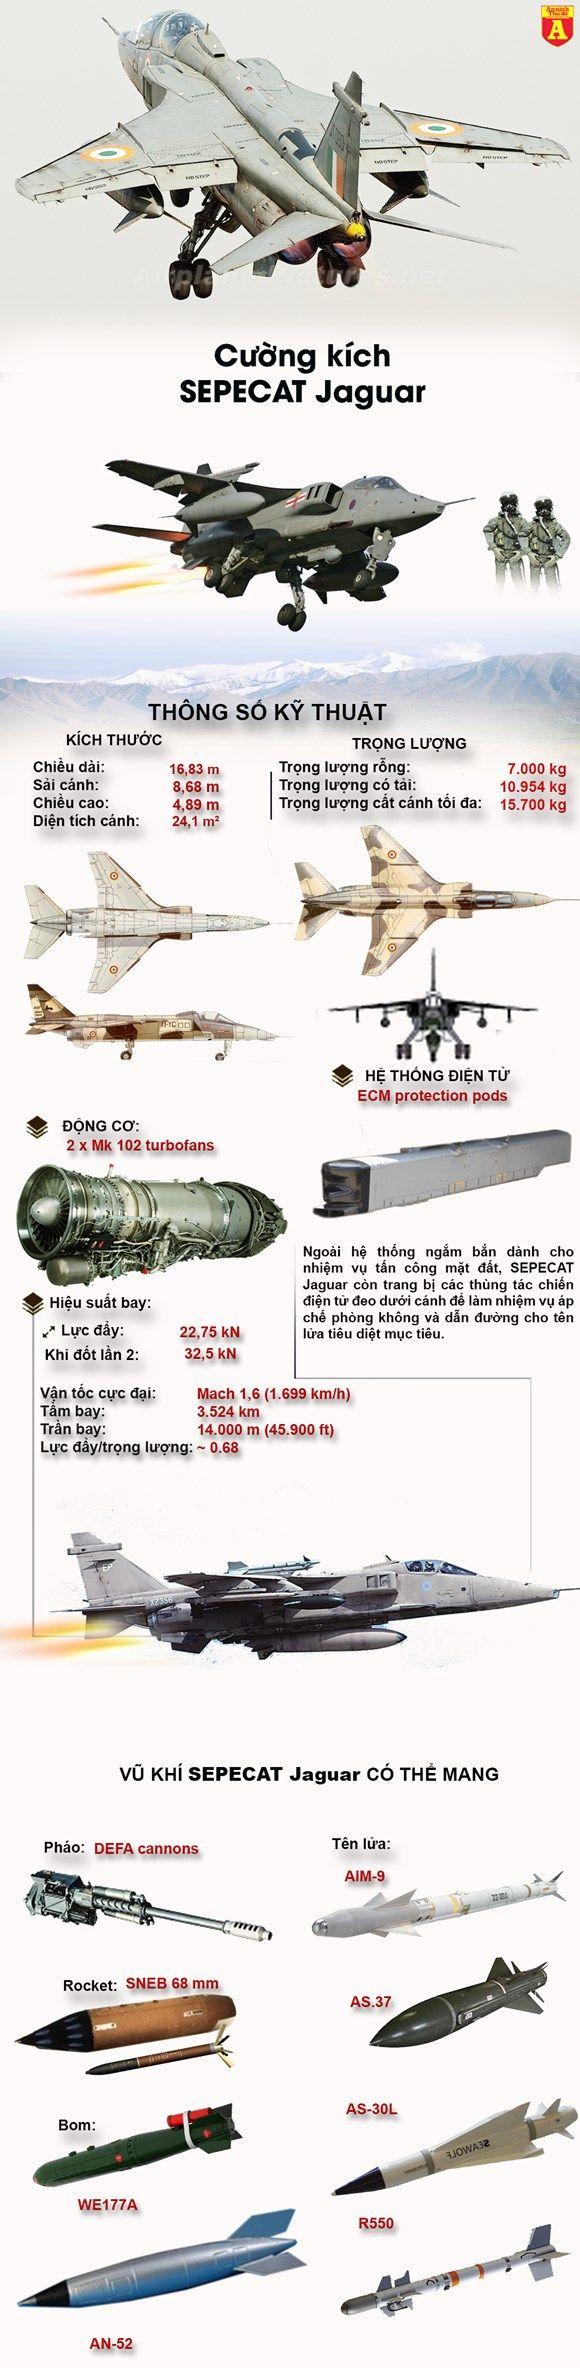 Cường kích đa nhiệm Jaguar của không quân Ấn Độ.